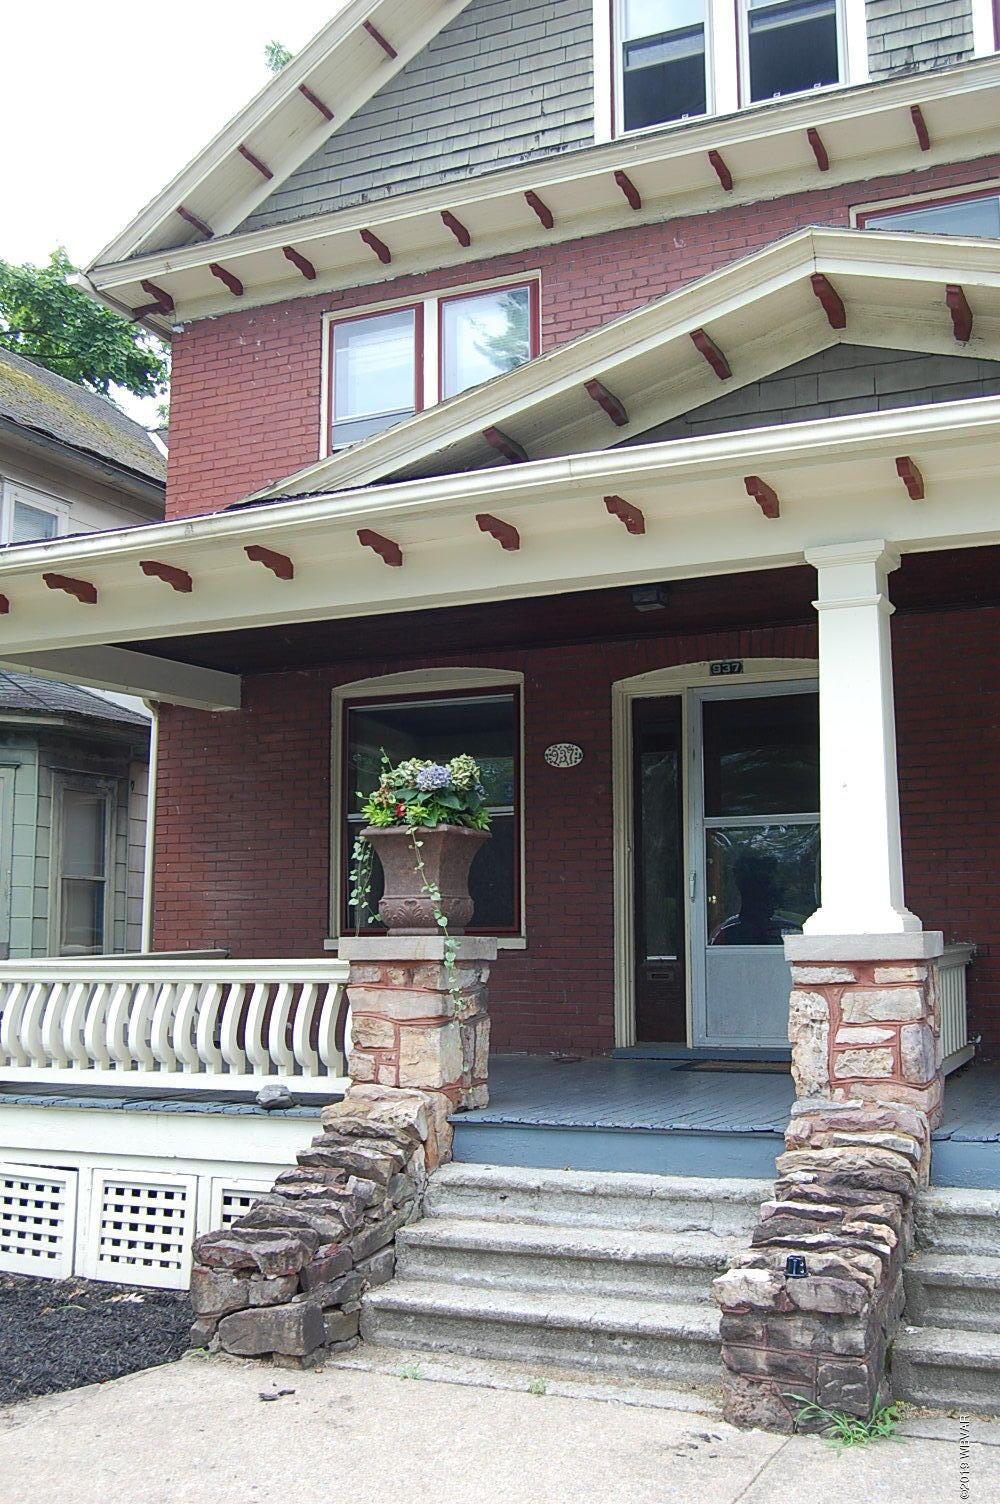 937 HEPBURN STREET,Williamsport,PA 17701,3 Bedrooms Bedrooms,1.5 BathroomsBathrooms,Resid-lease/rental,HEPBURN,WB-87999